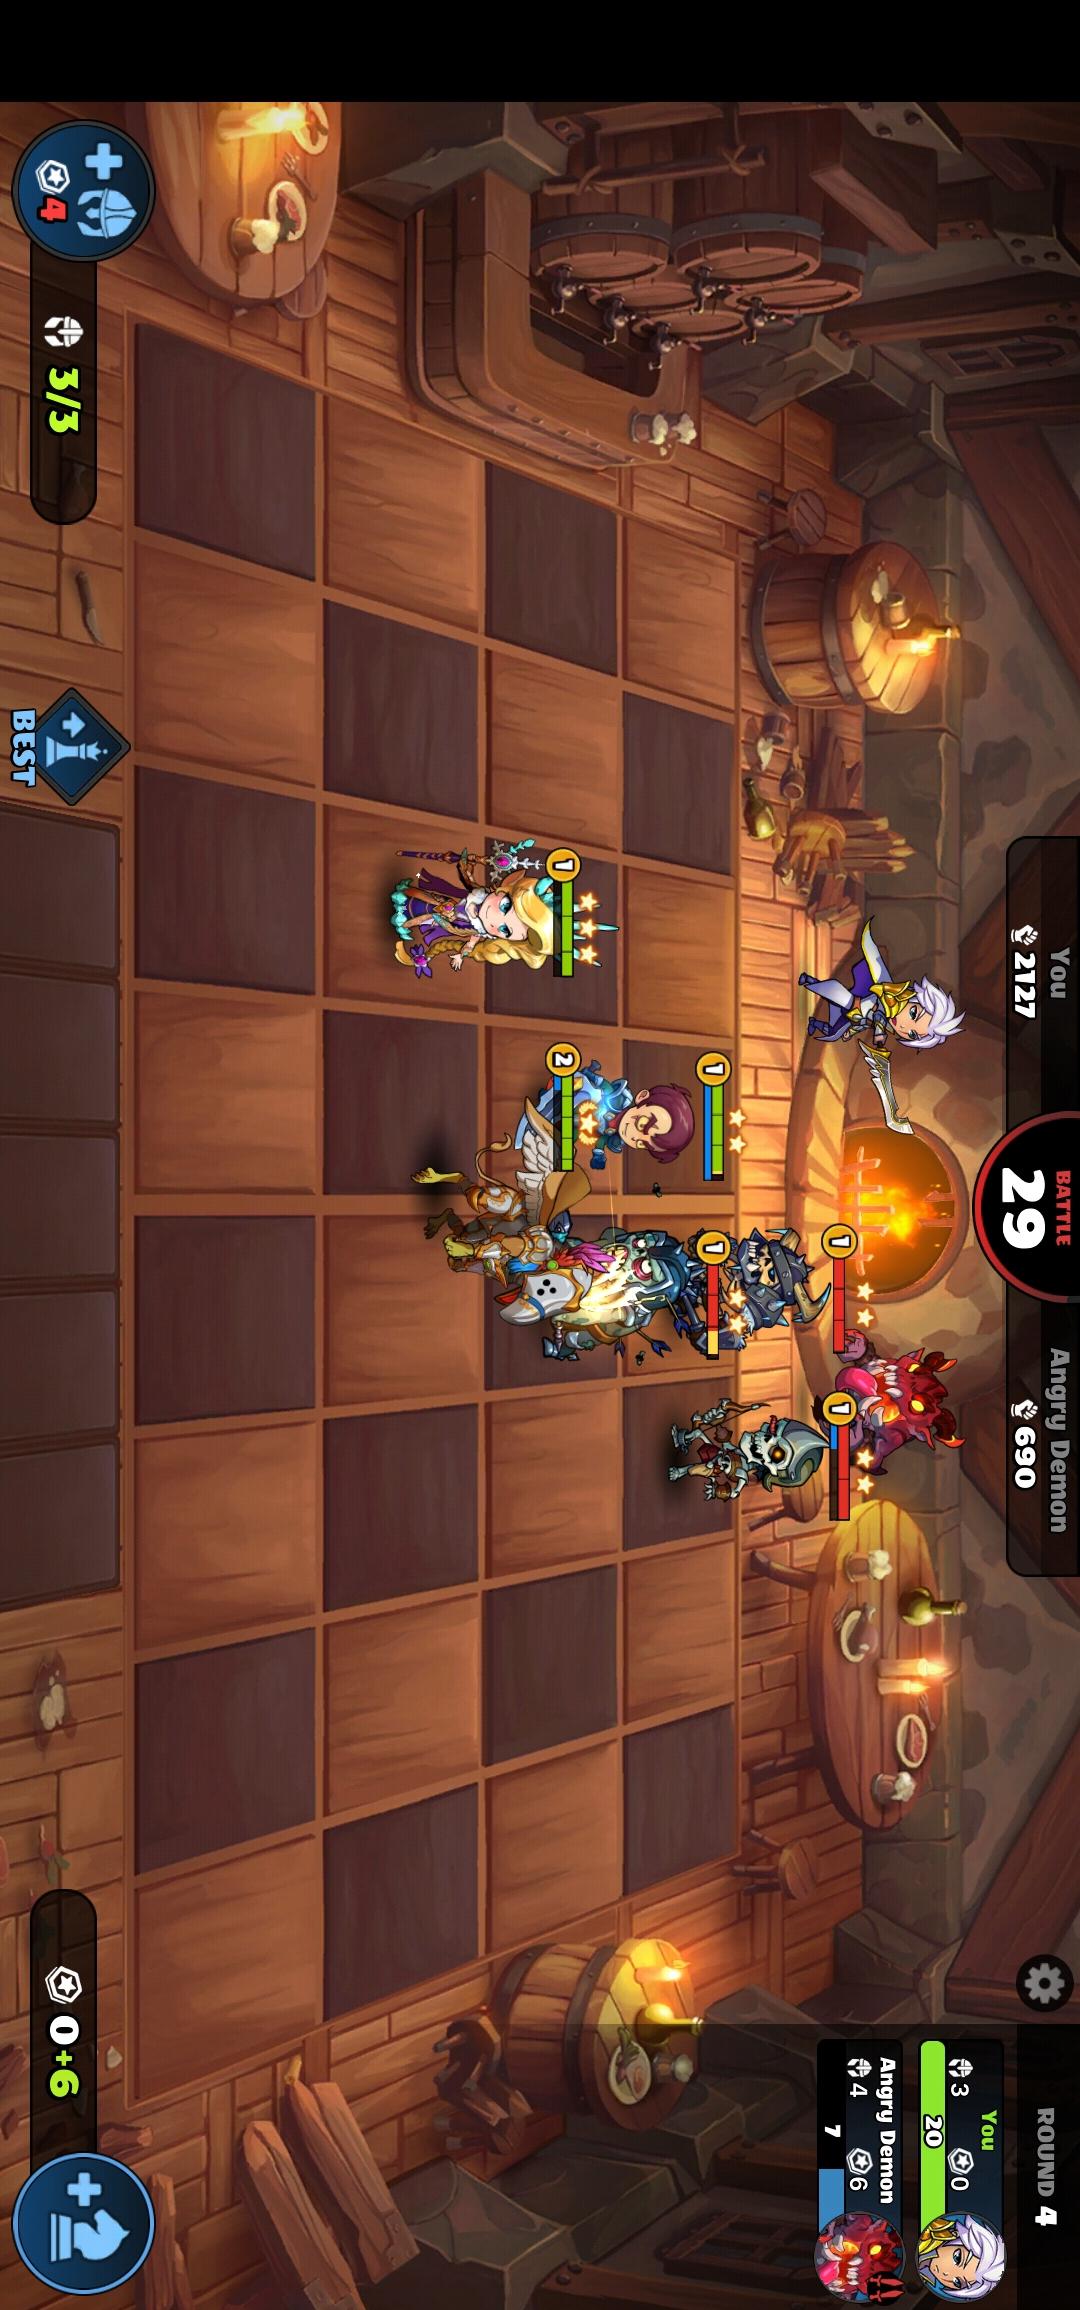 自走棋:皇家之战游戏截图